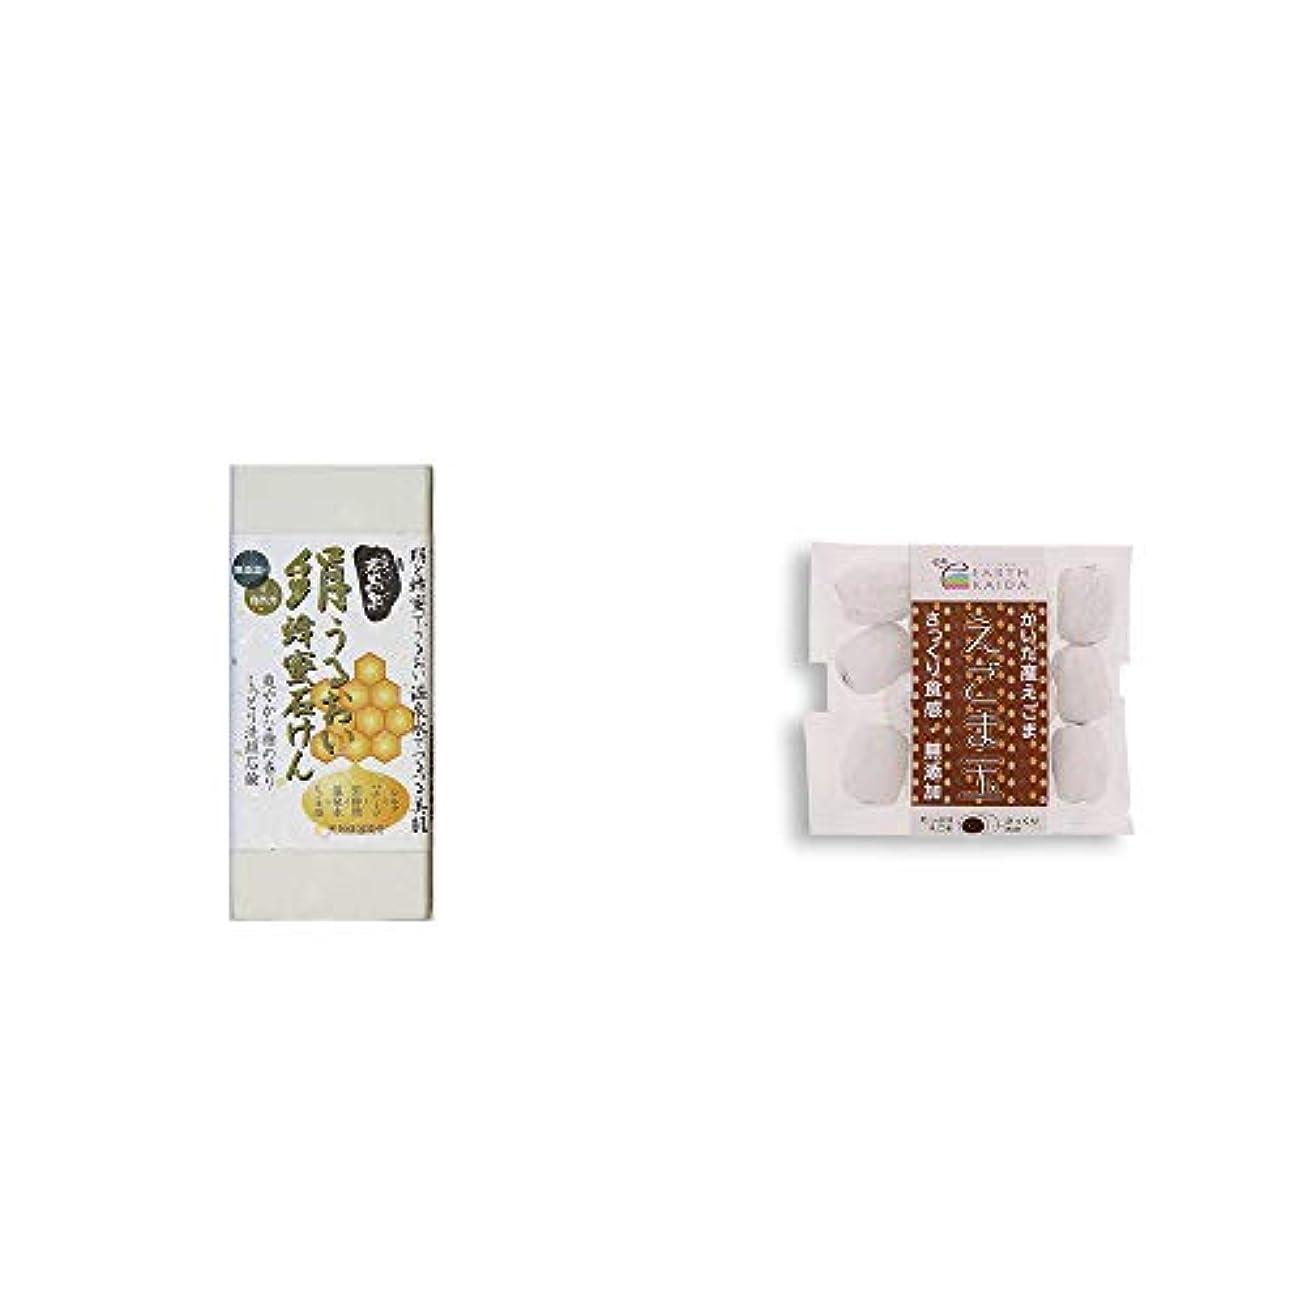 電気的枯れるギネス[2点セット] ひのき炭黒泉 絹うるおい蜂蜜石けん(75g×2)?開田産えごま使用 えごま玉(100g)